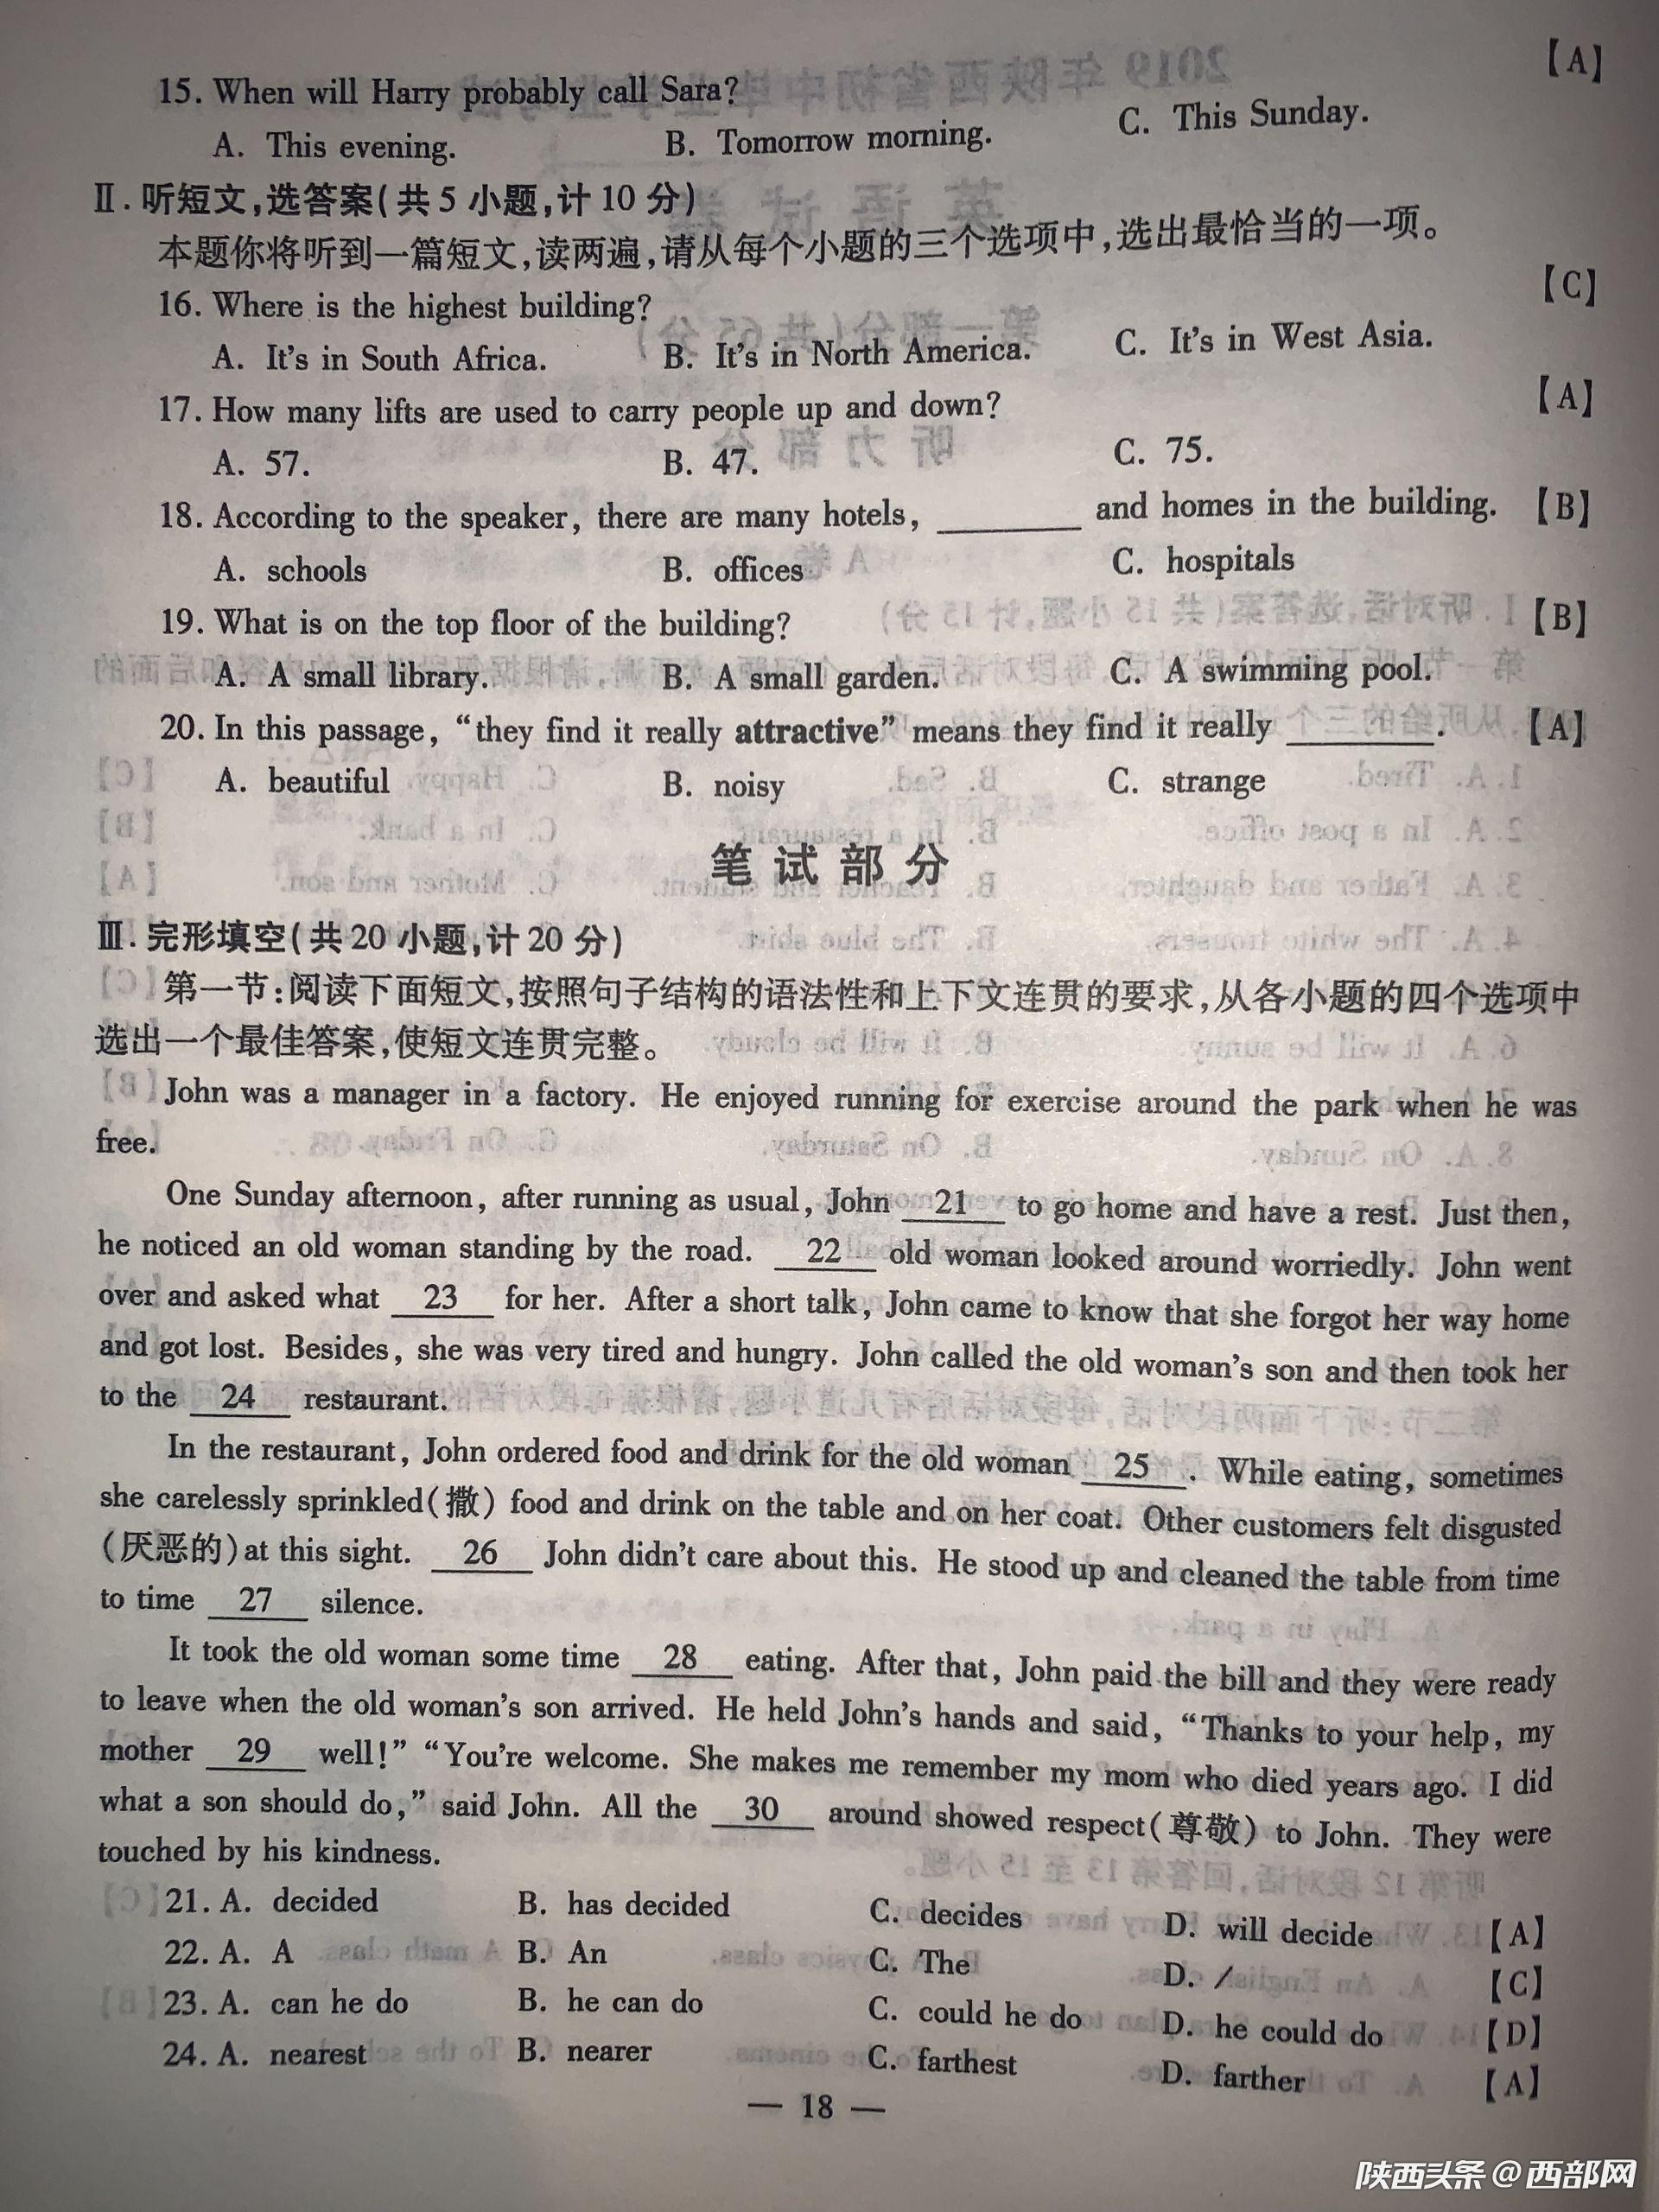 2019年陕西中考《英语》真题及答案已公布